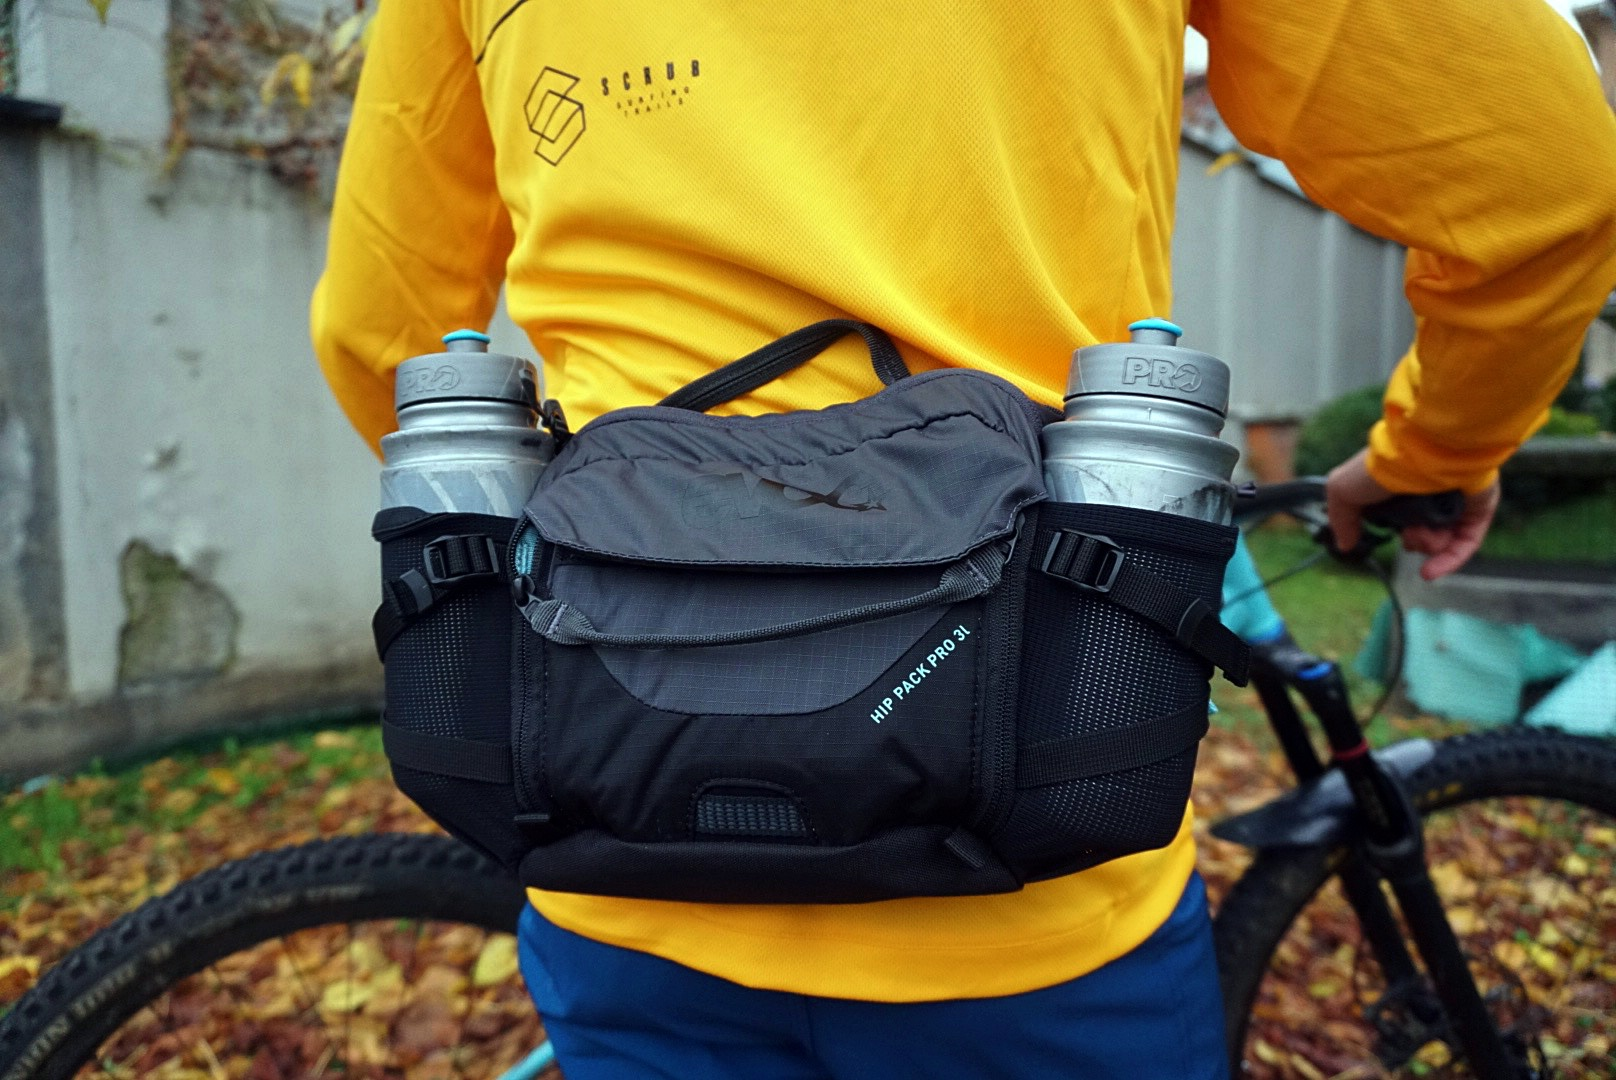 Hip Pack Pro 3lt waist bag green EVOC Race